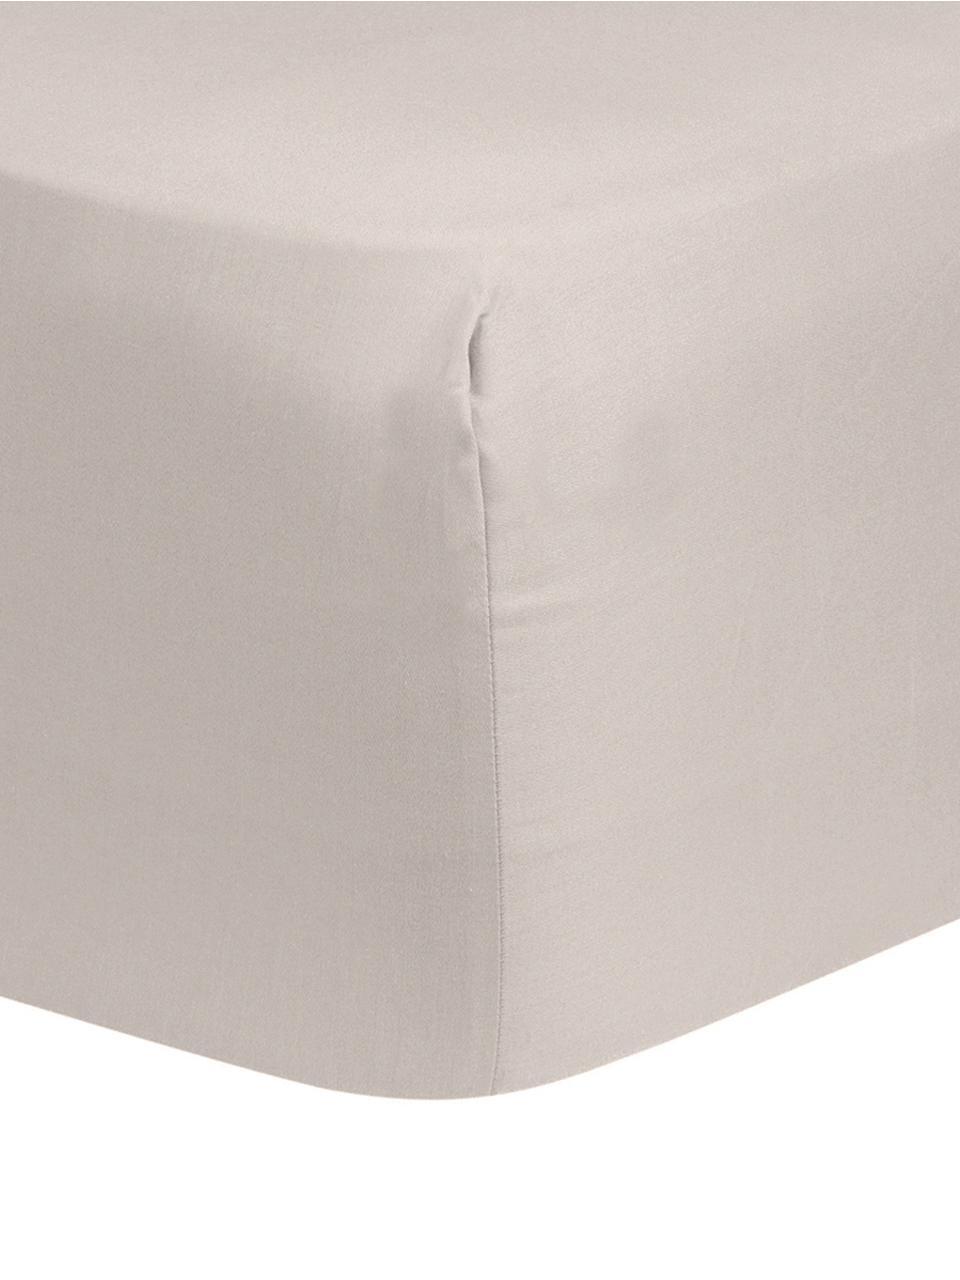 Spannbettlaken Comfort, Baumwollsatin, Webart: Satin, leicht glänzend, Taupe, 180 x 200 cm